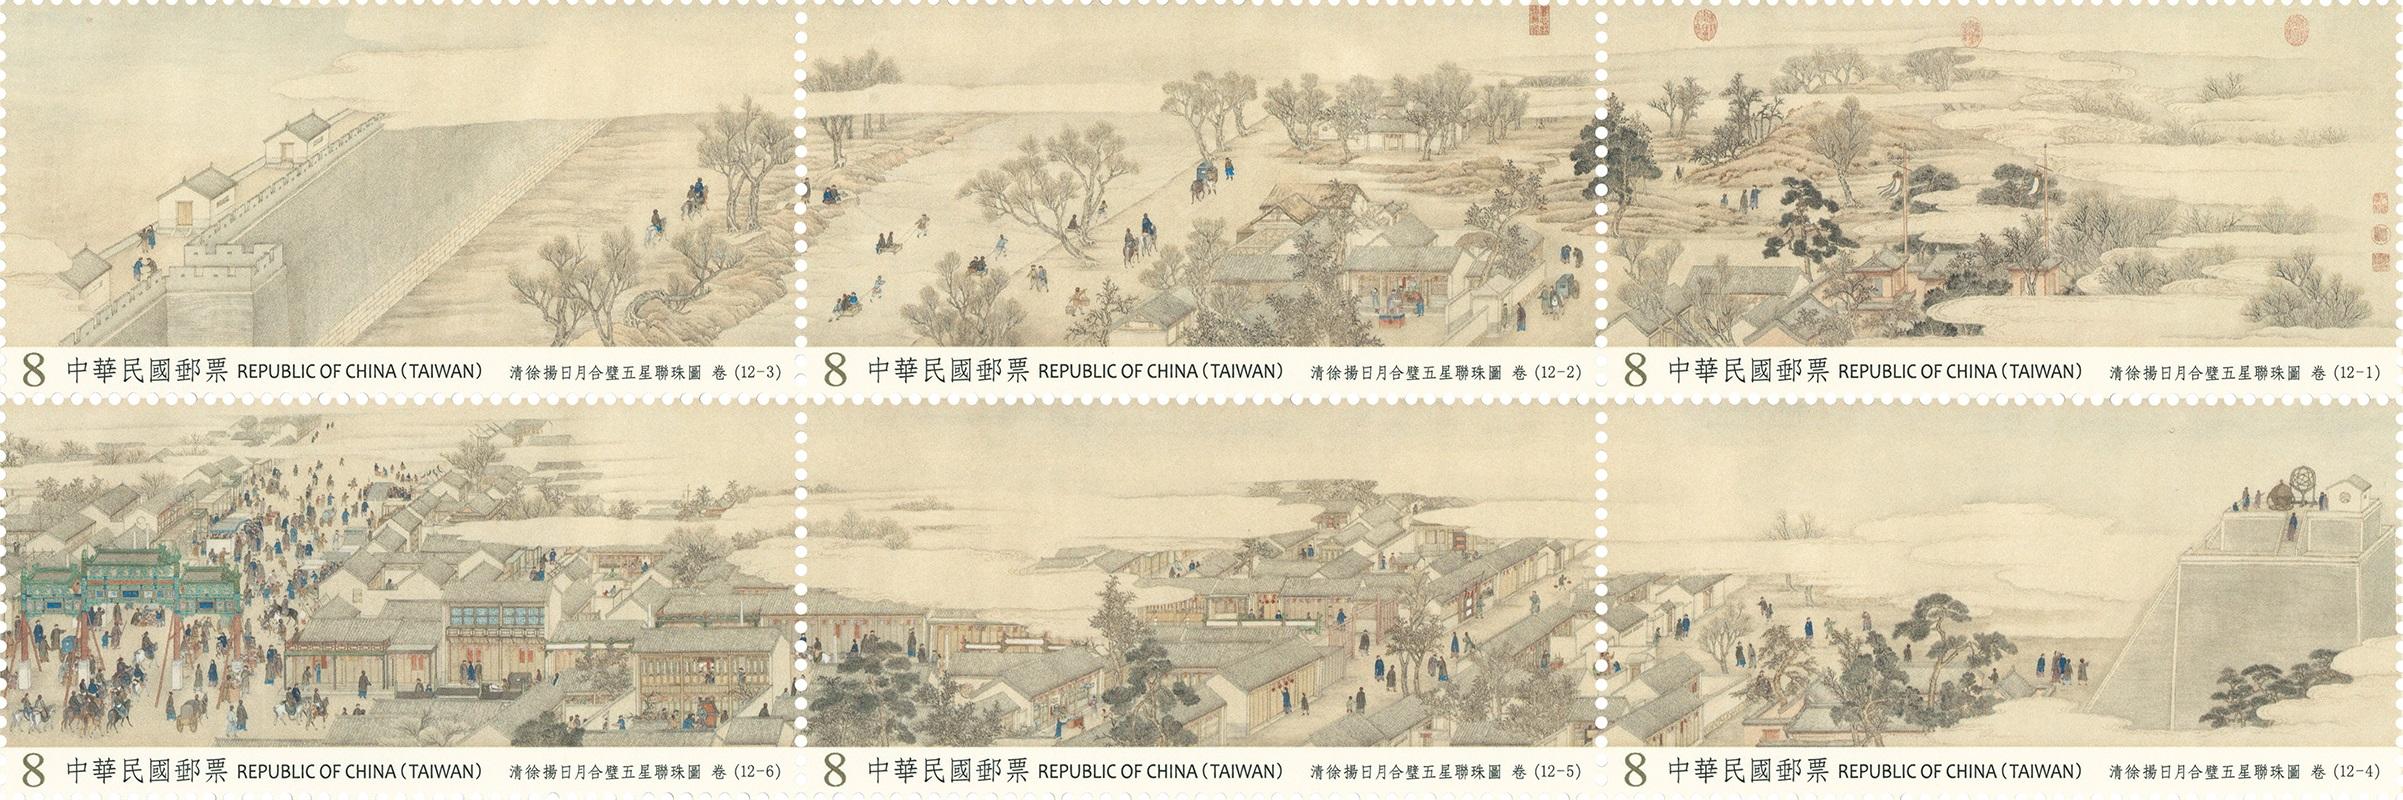 (特699.1-699.6)特699 清徐揚日月合璧五星聯珠圖古畫郵票(上輯)